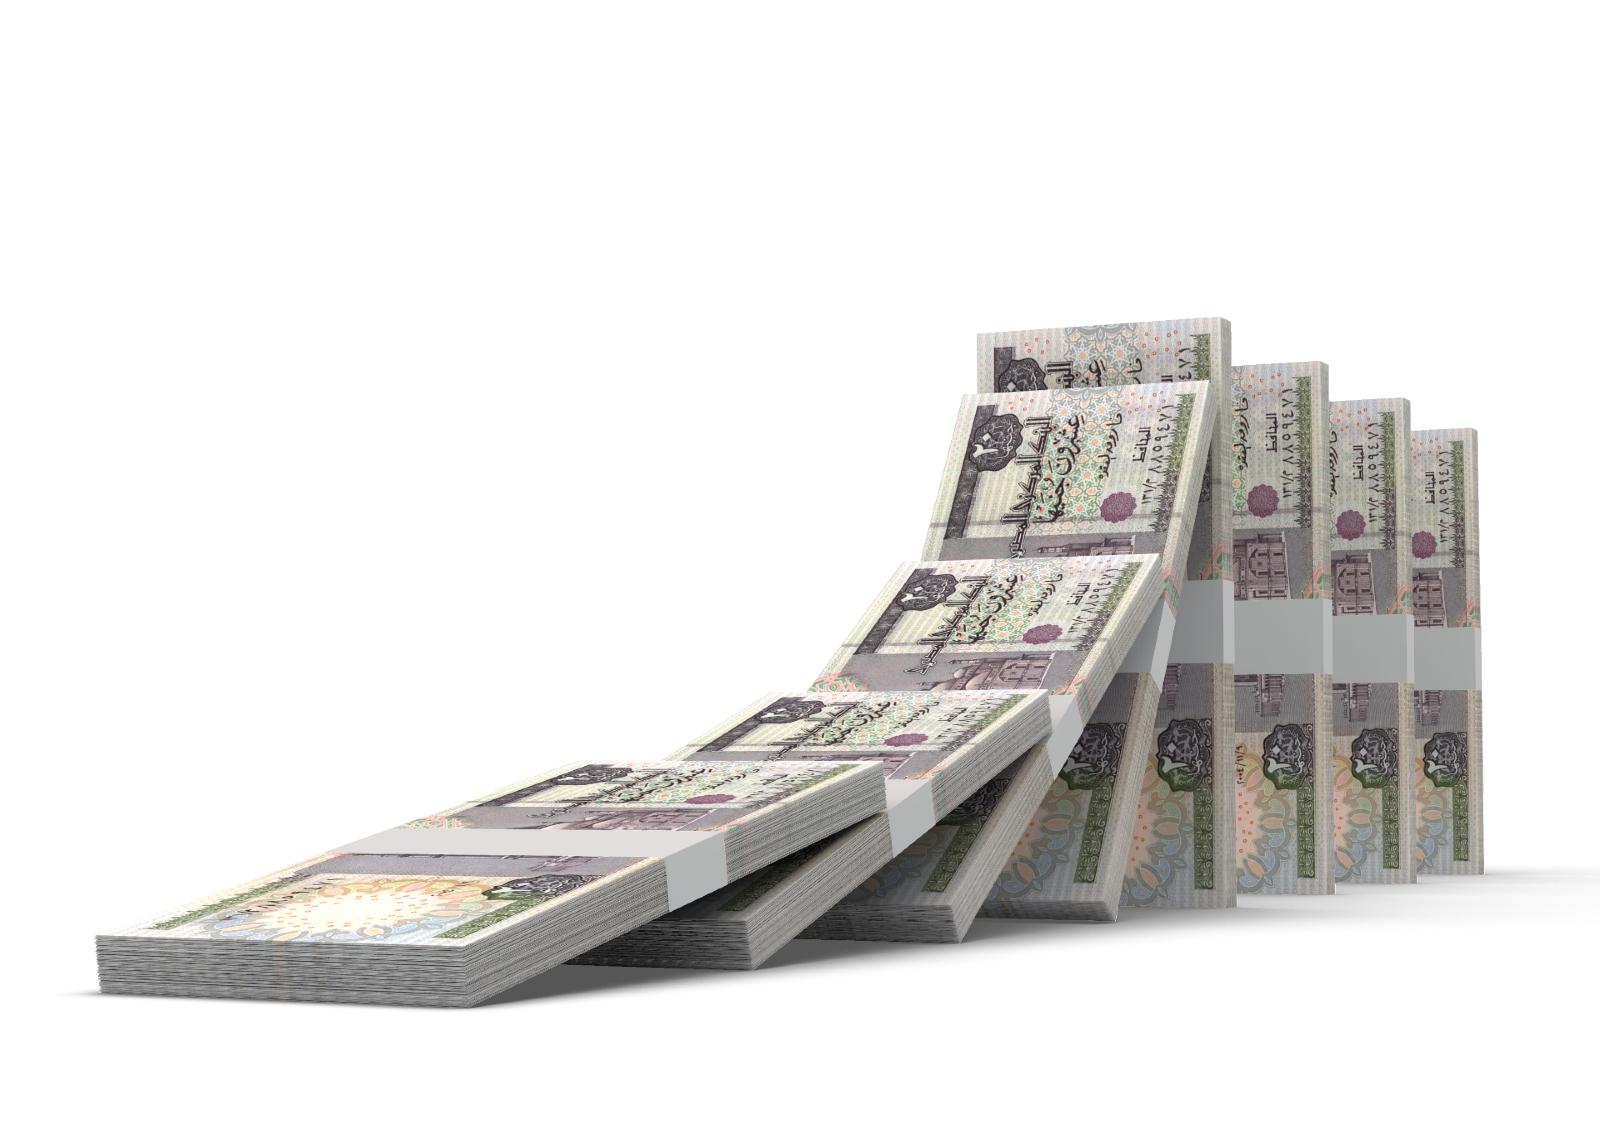 تحركات جديدة في سعر الدولار الآن بالبنوك تماشياً مع مؤشرات البنك المركزي لأسعار الدولار الأمريكي 20